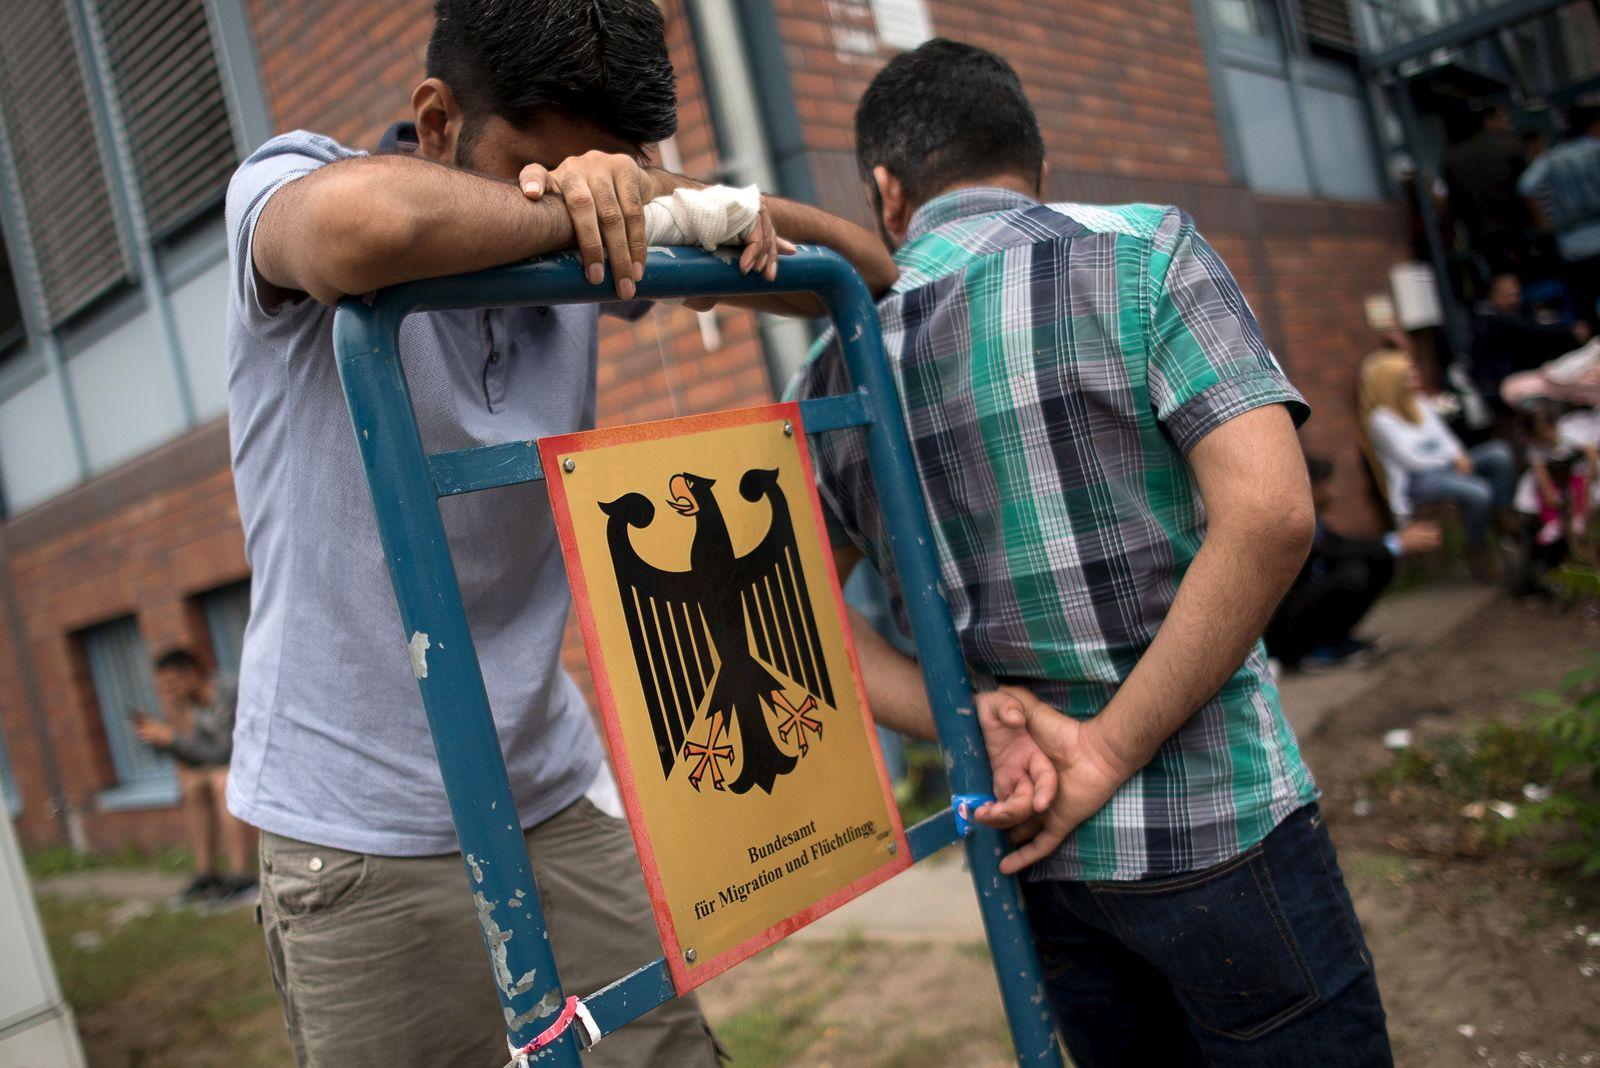 Bundesamt für Migration und Flüchtlinge / BAMF